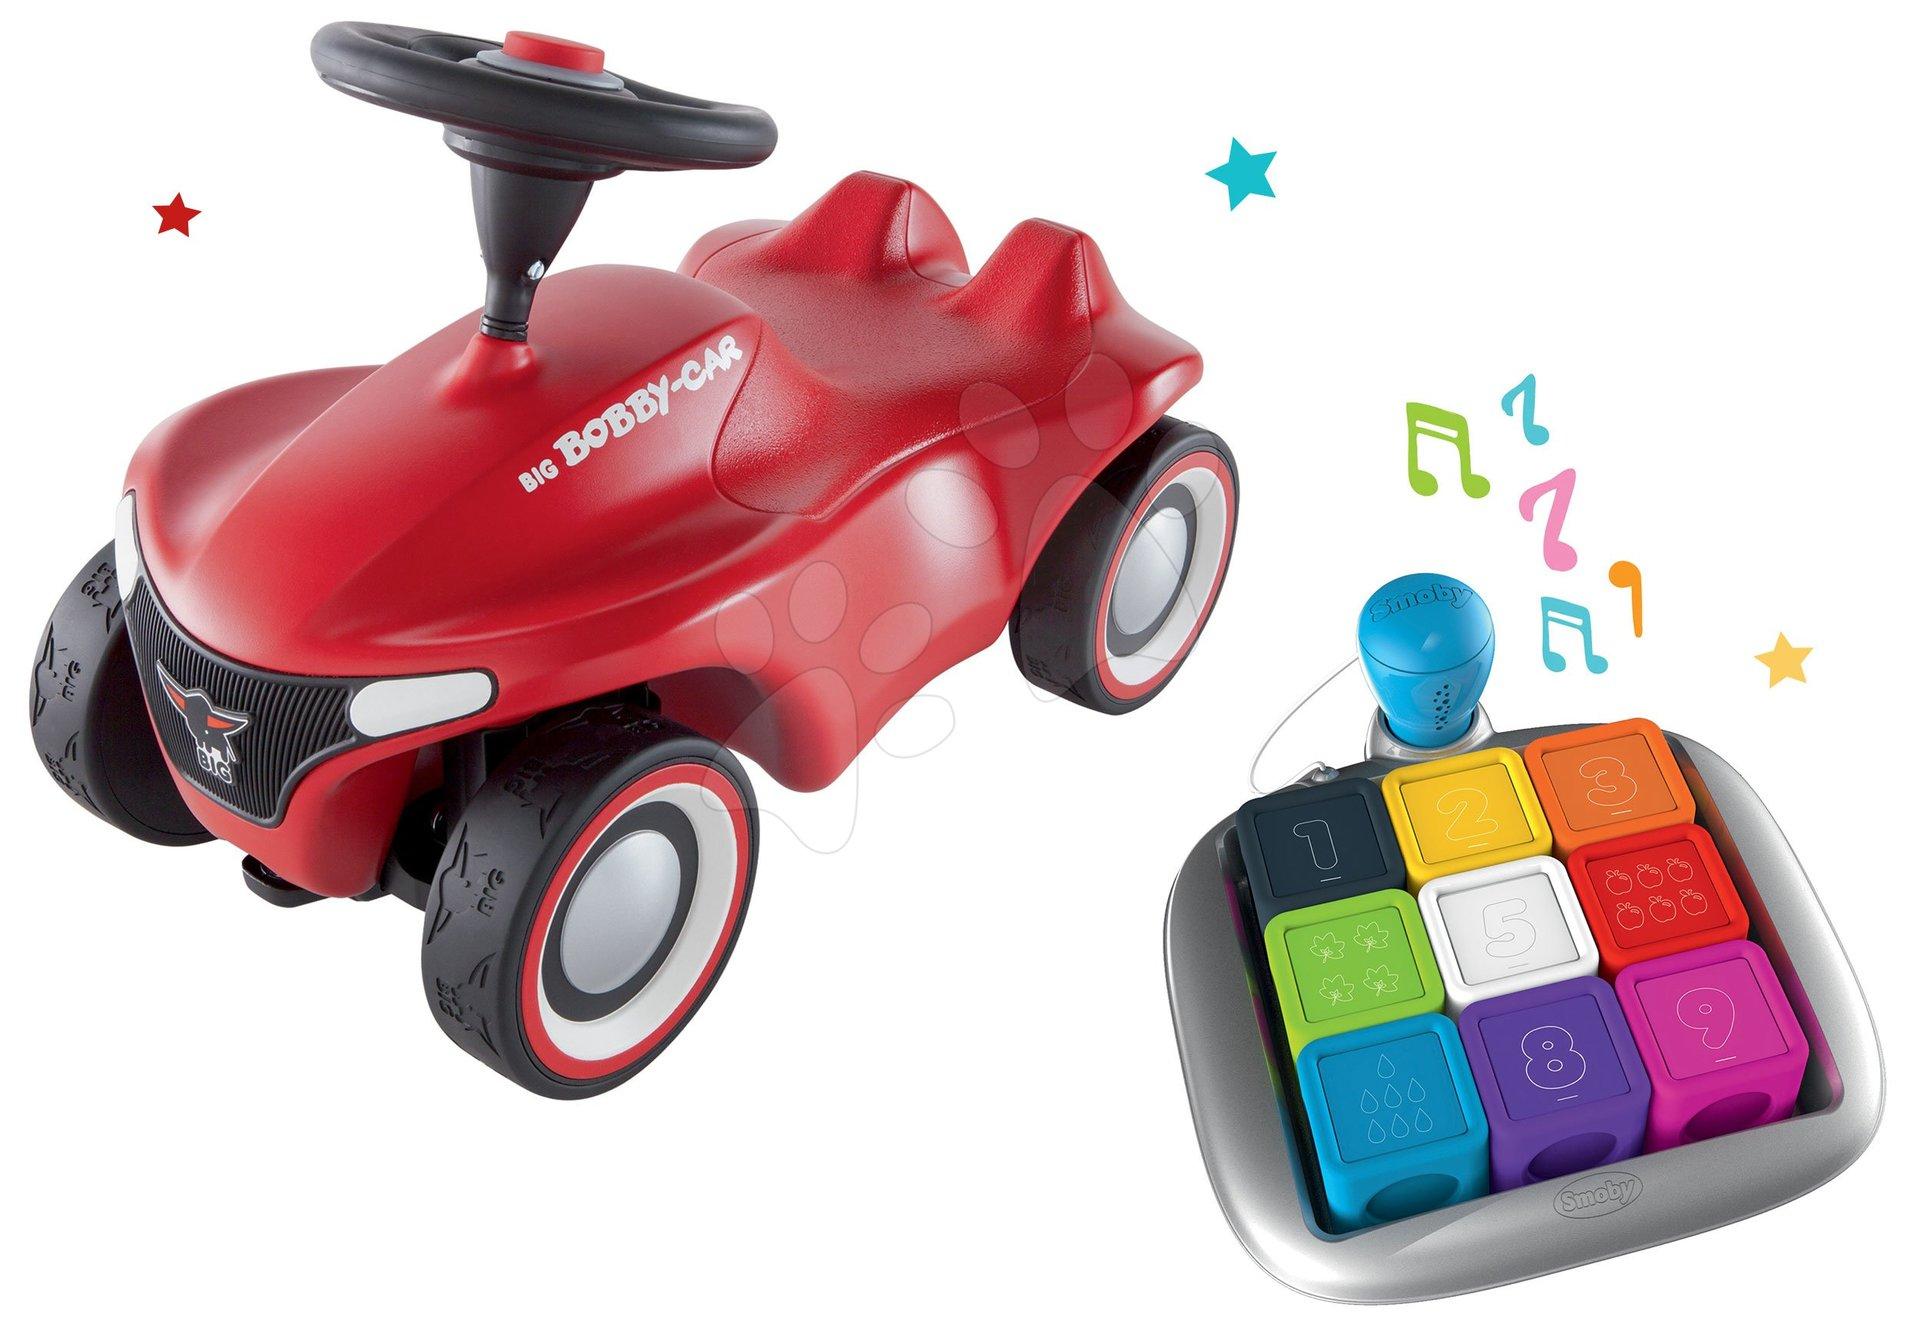 Set Interaktívna hra Clever Cubes Smart Smoby a odrážadlo auto Bobby Car Neo Red